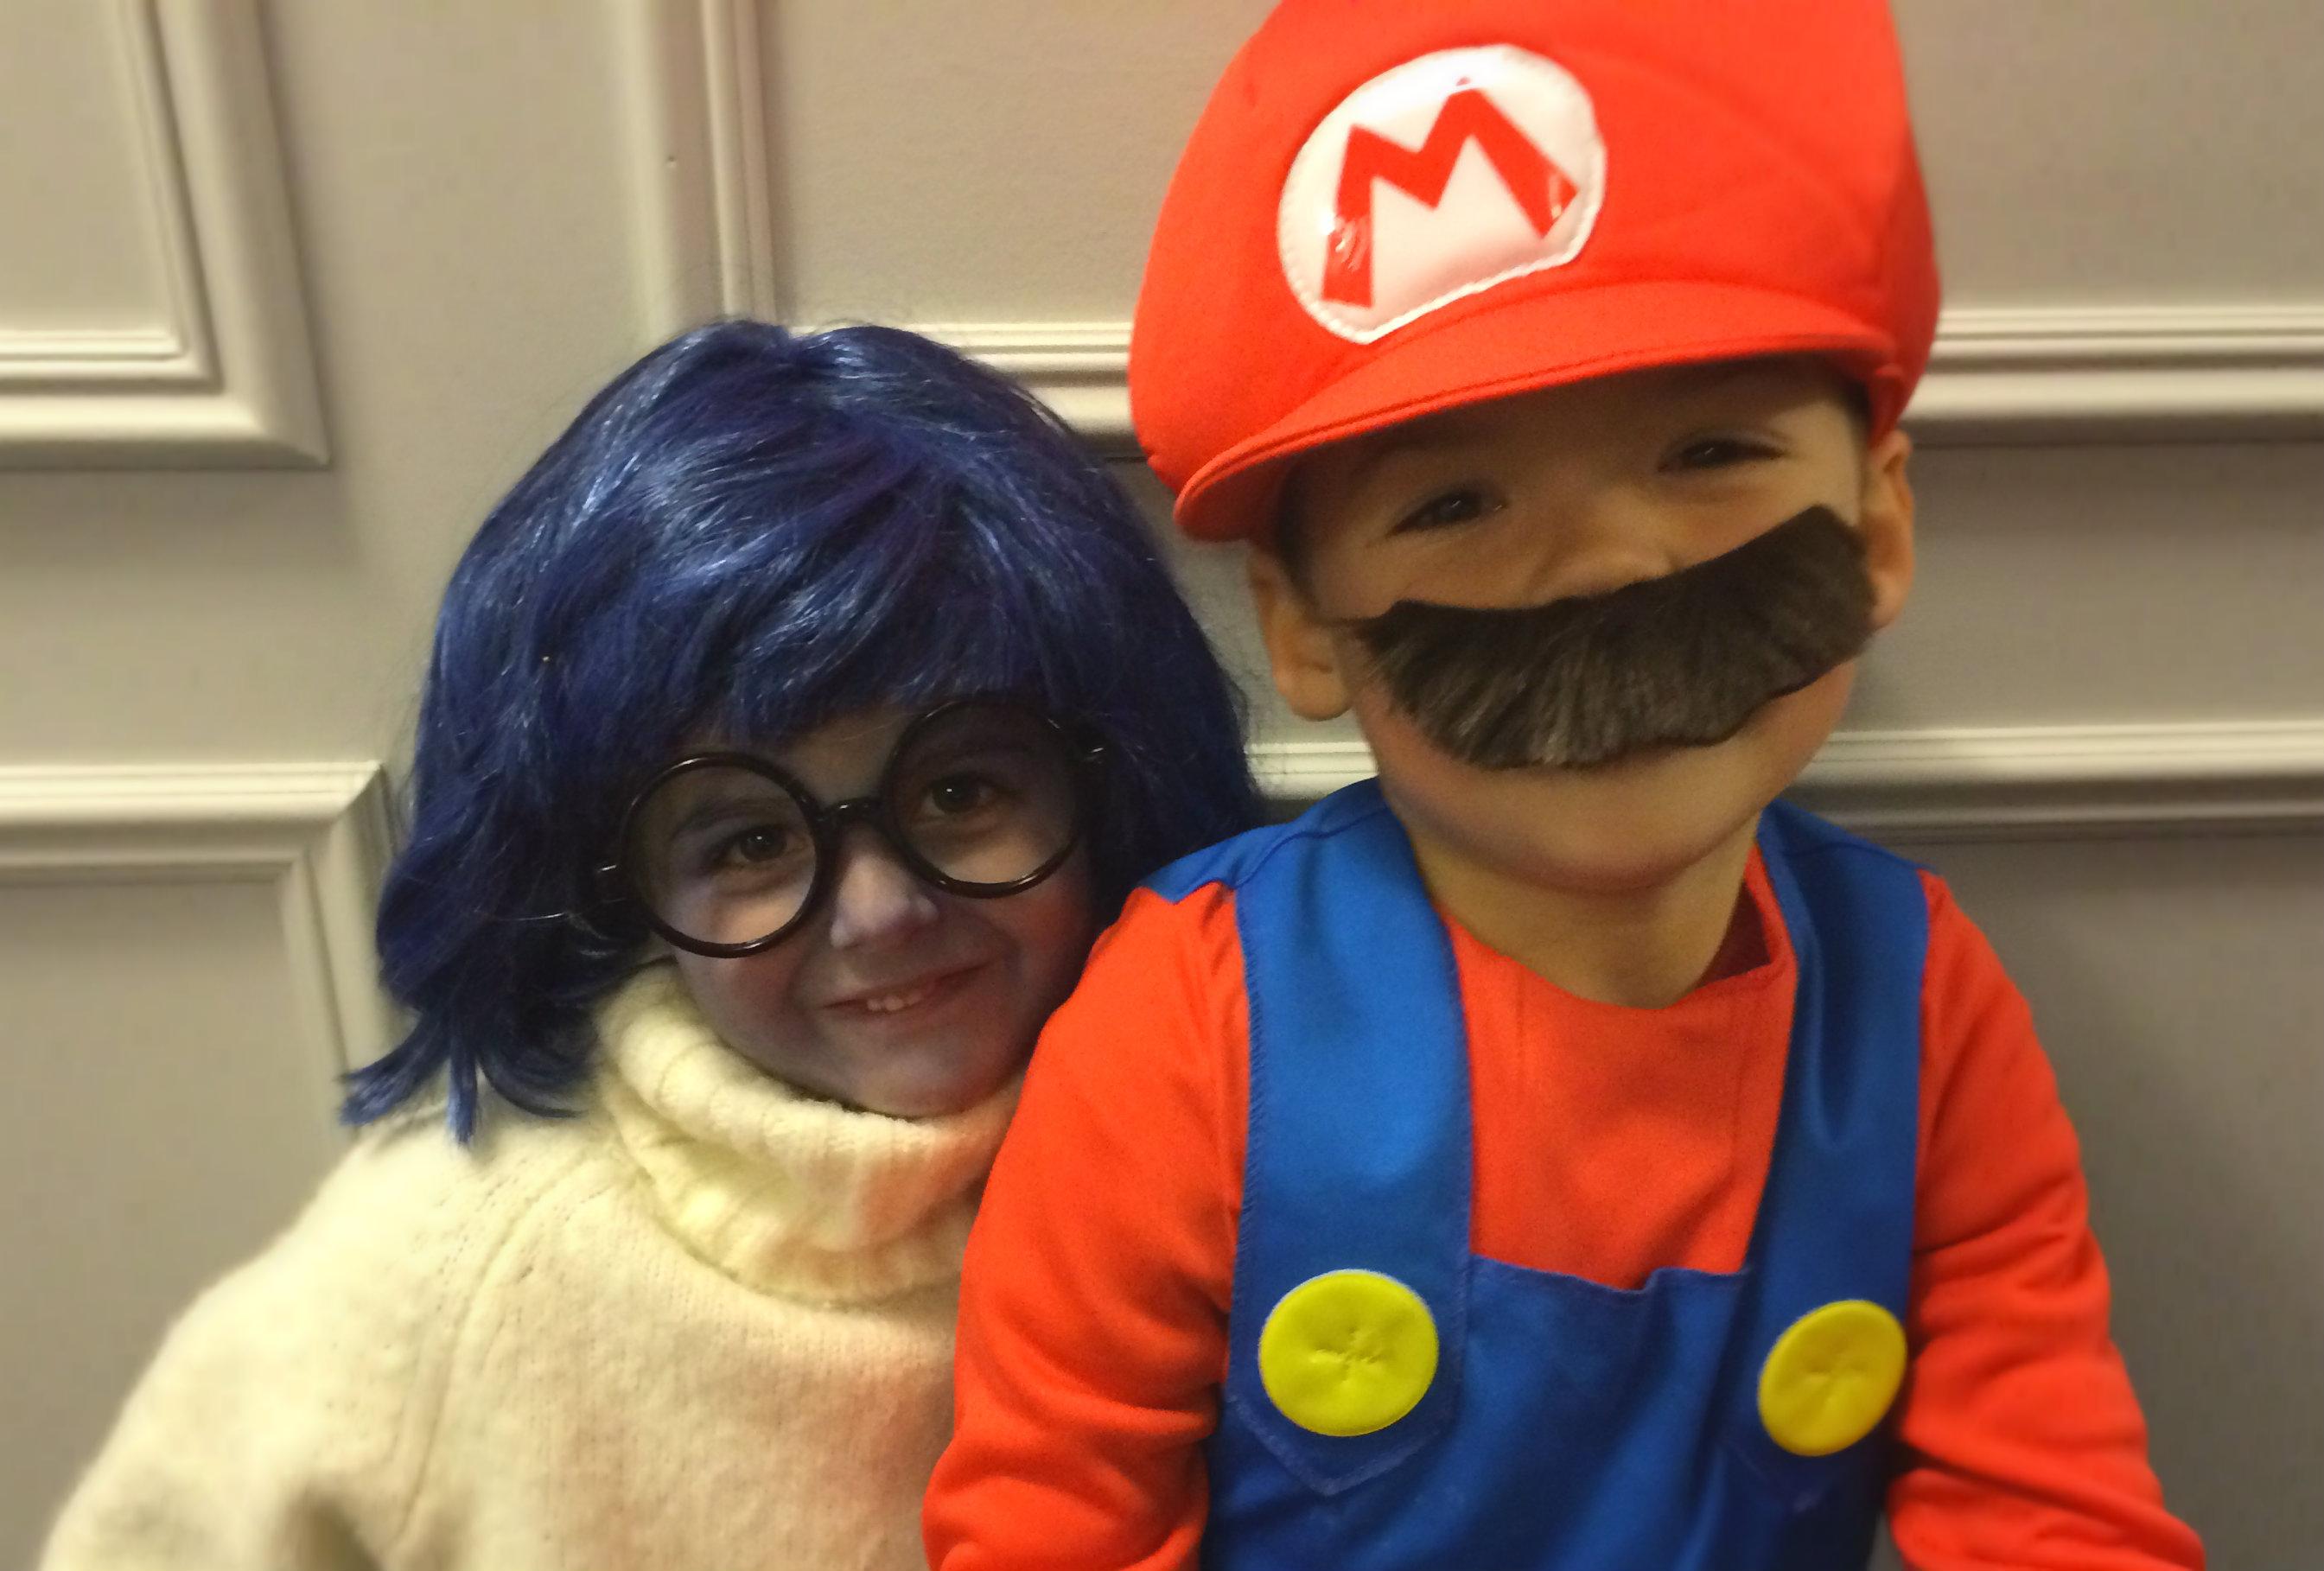 Sadness and Mario